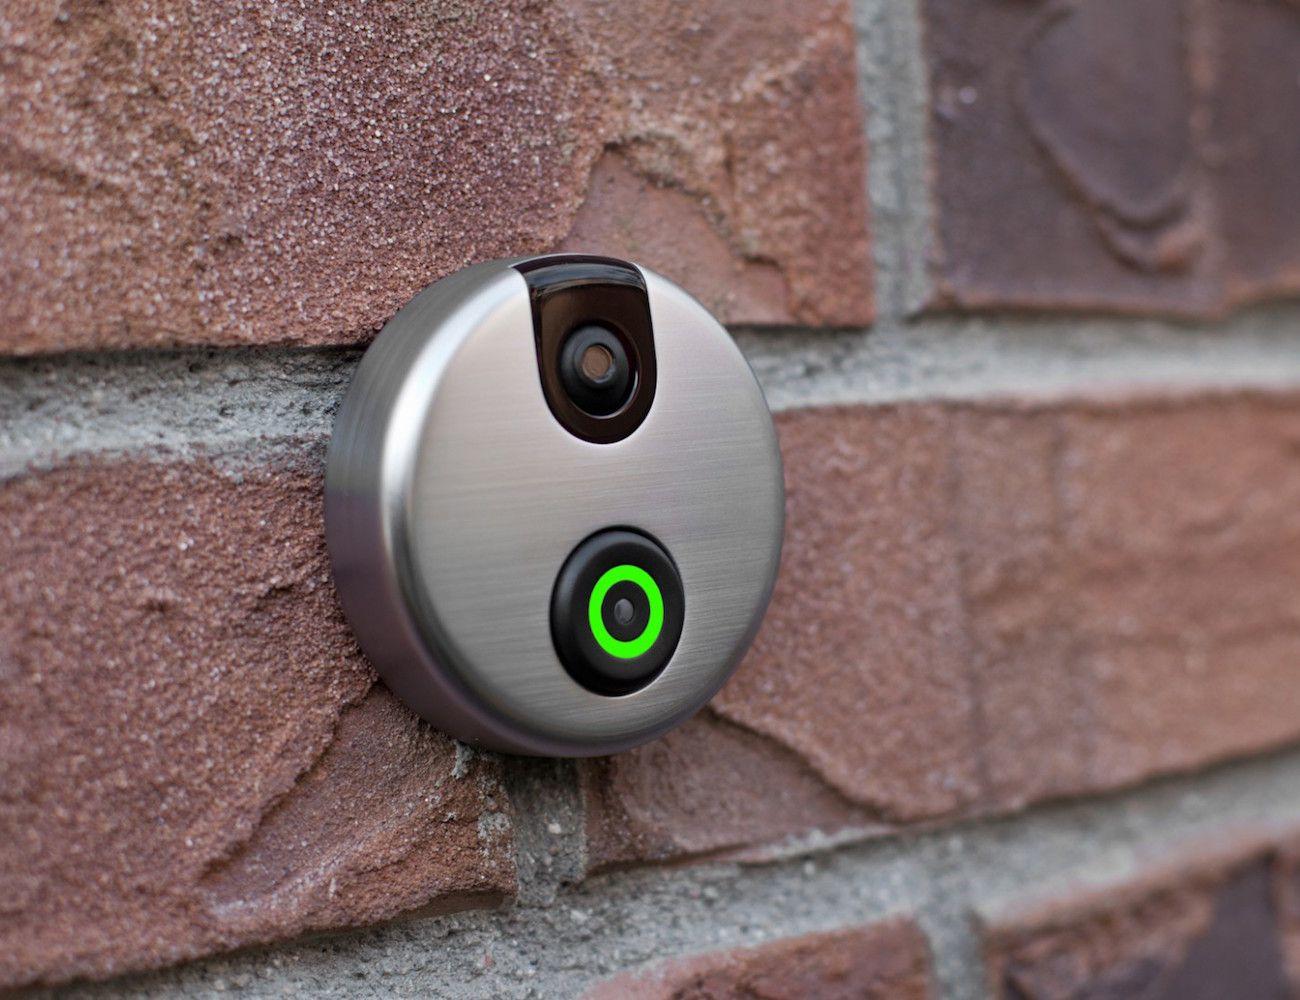 SkyBell WiFi Video Doorbell Doorbell, Gadgets, Airbnb